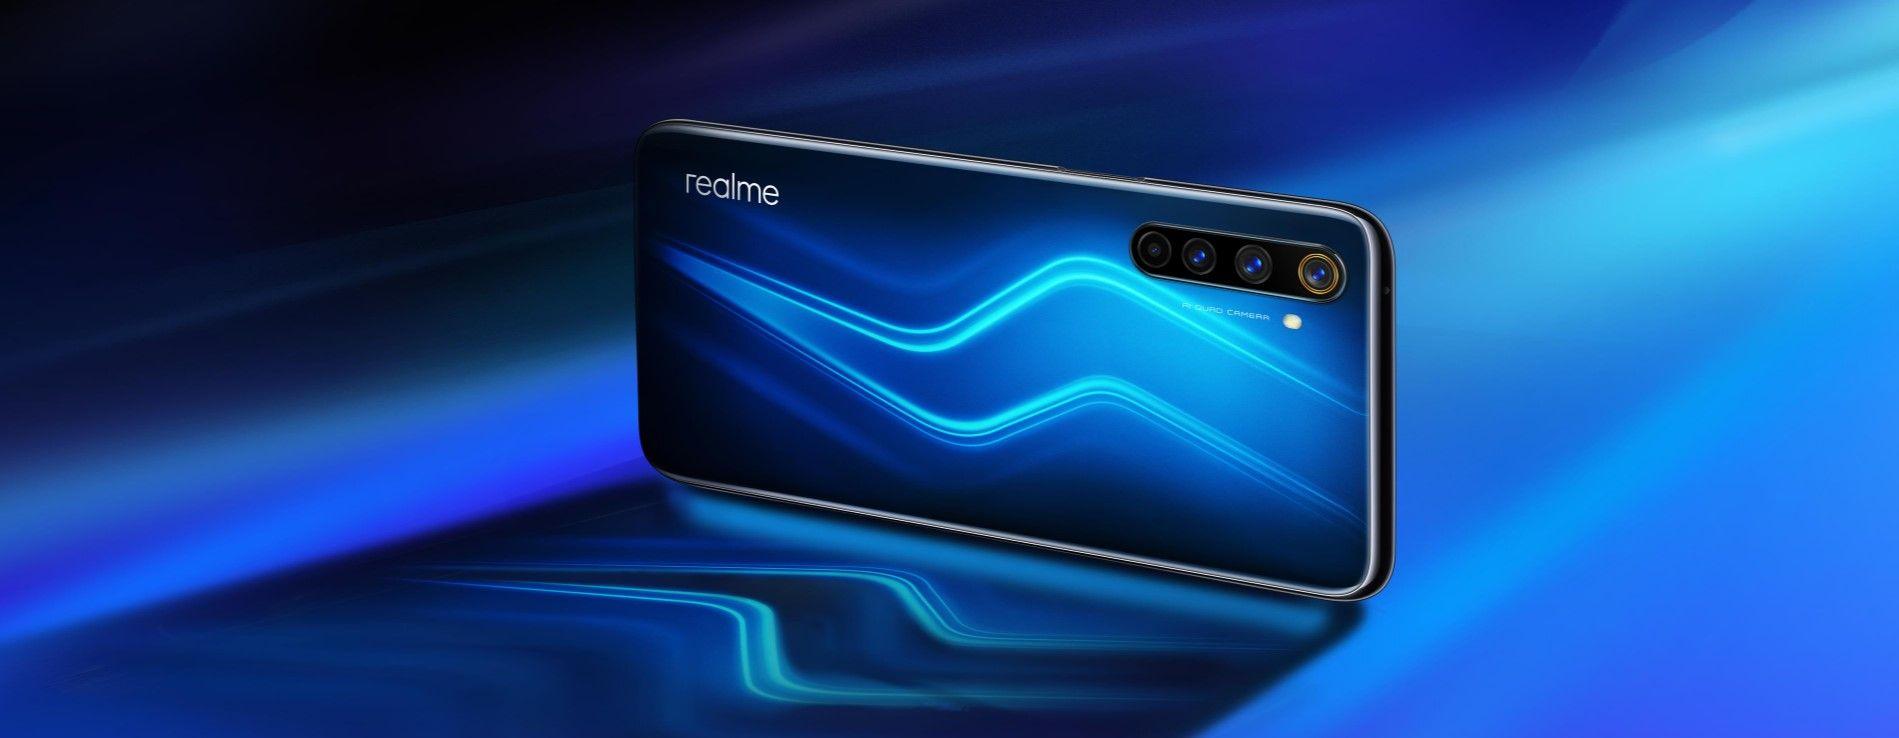 Realme 6 Pro синий